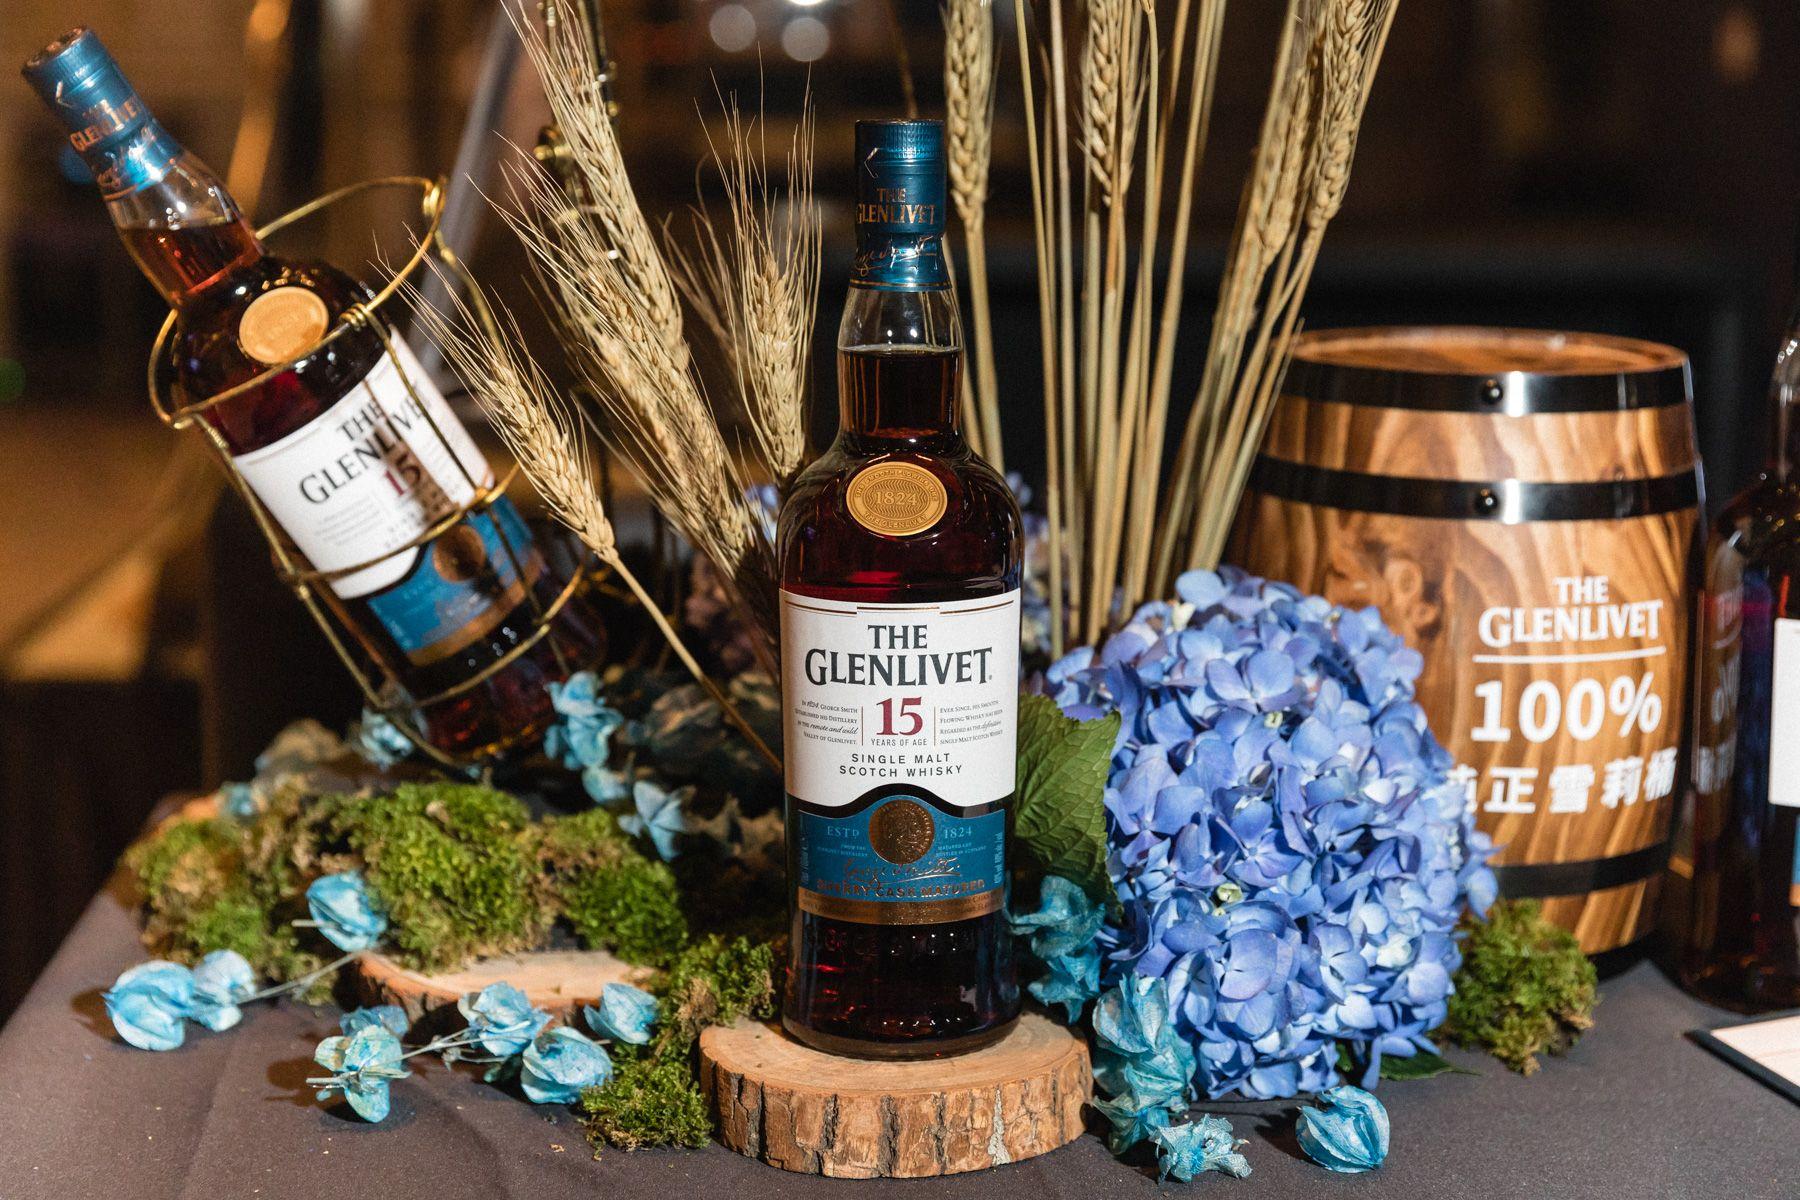 雪莉桶獨獻台灣又一傑作!The Glenlivet 格蘭利威15年雪莉桶單一麥芽威士忌強勢登場